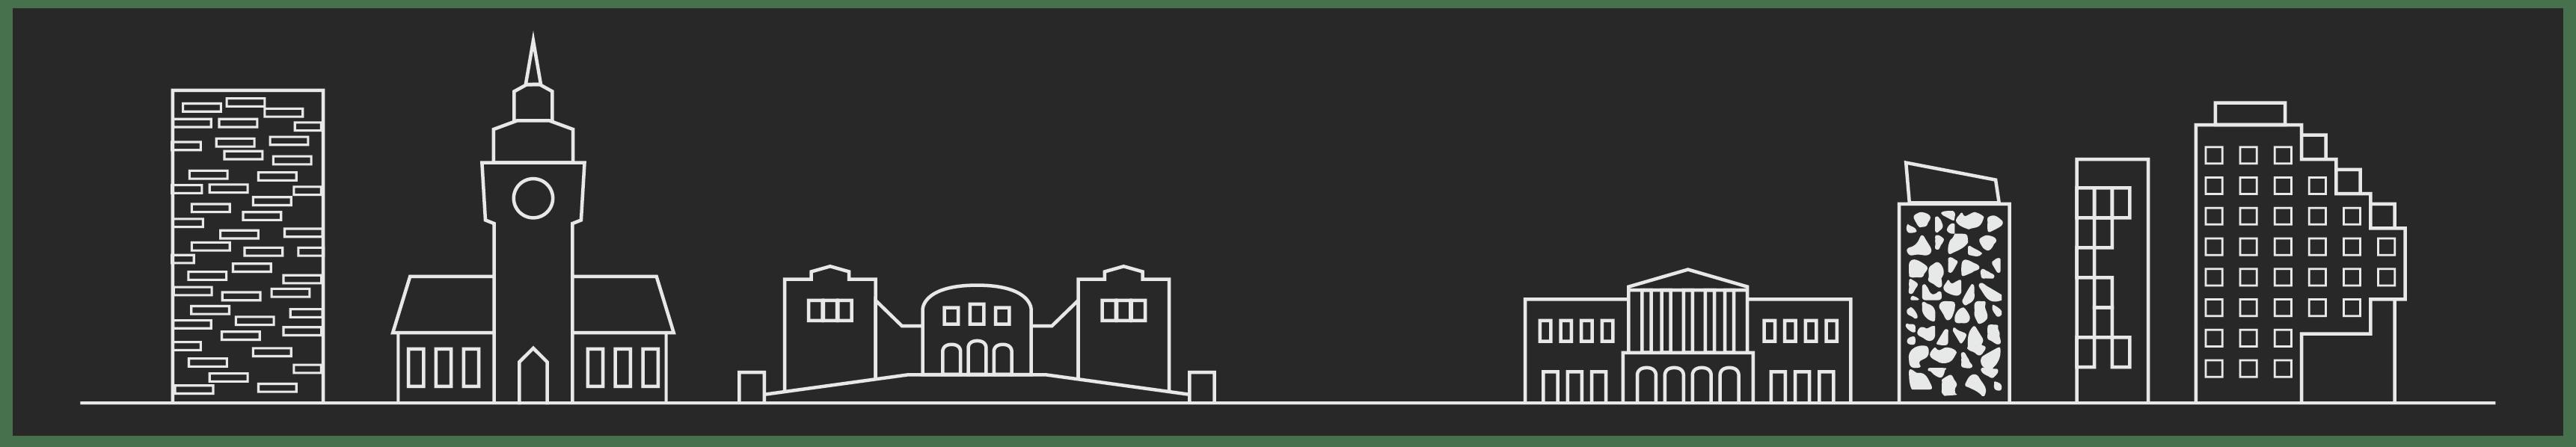 vmt skyline